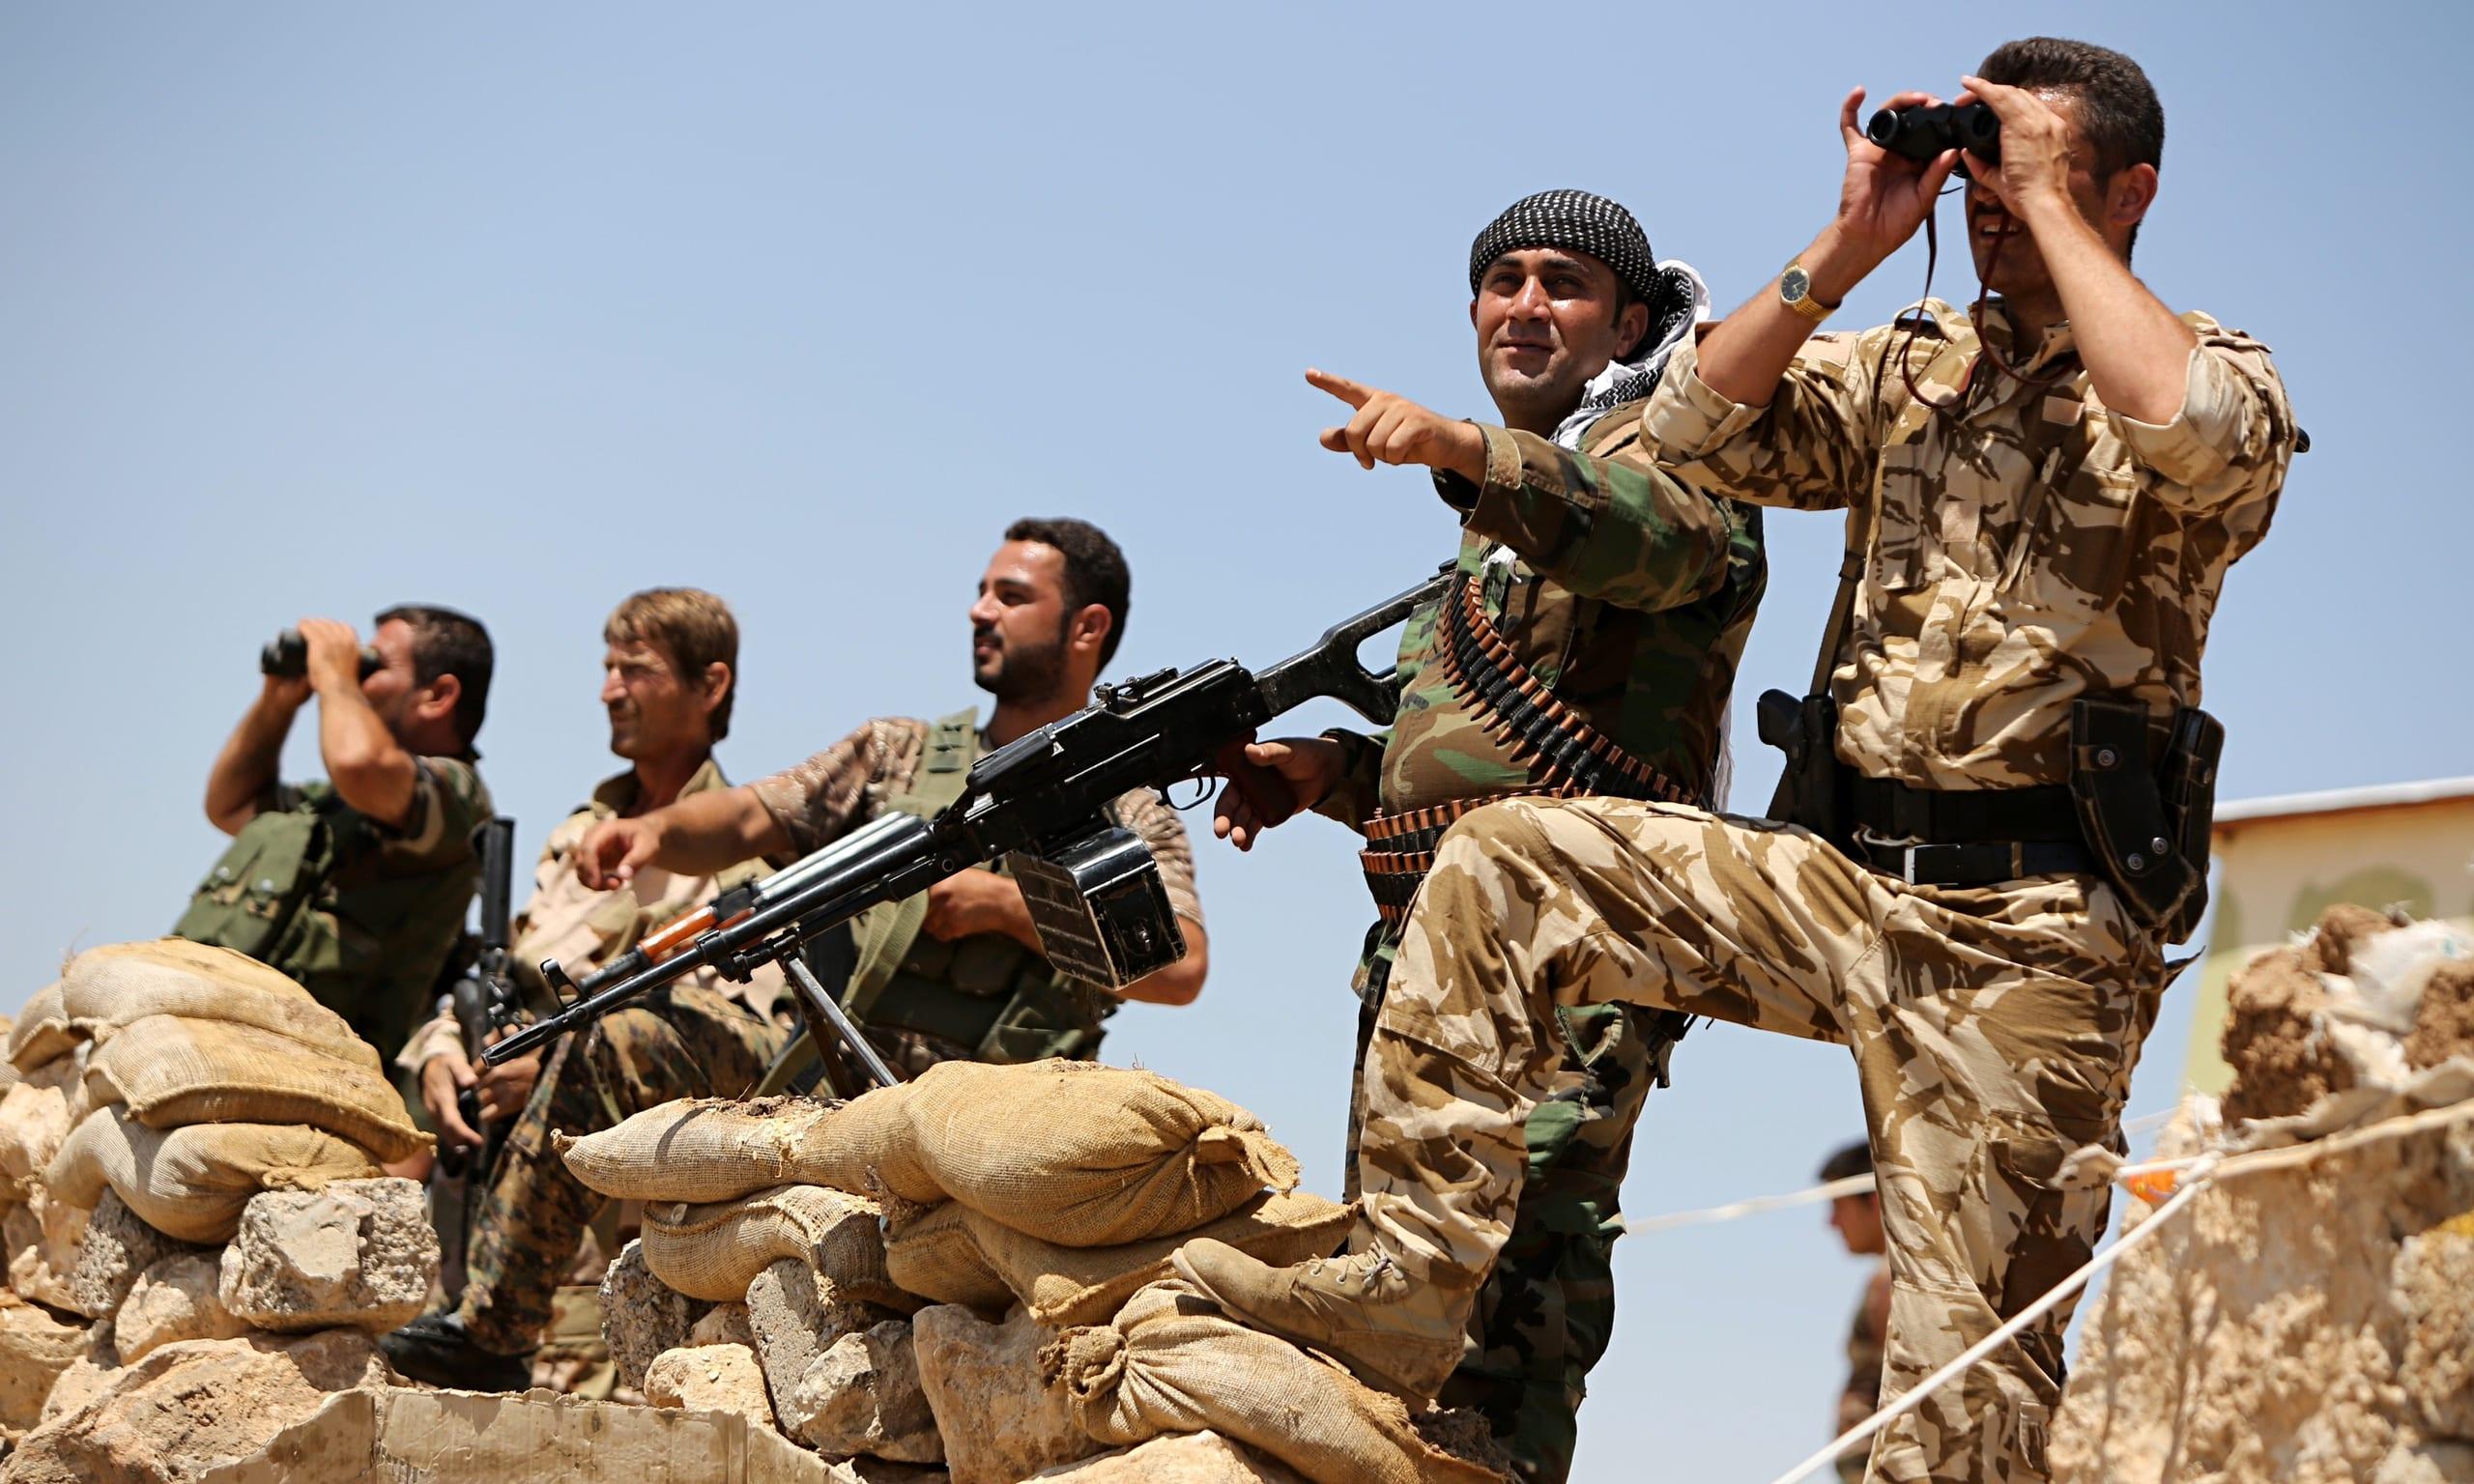 وحدات الحماية : التحضيرات جارية لإخراج داعش من الهول وهجماته إثبات ذات لا أكثر